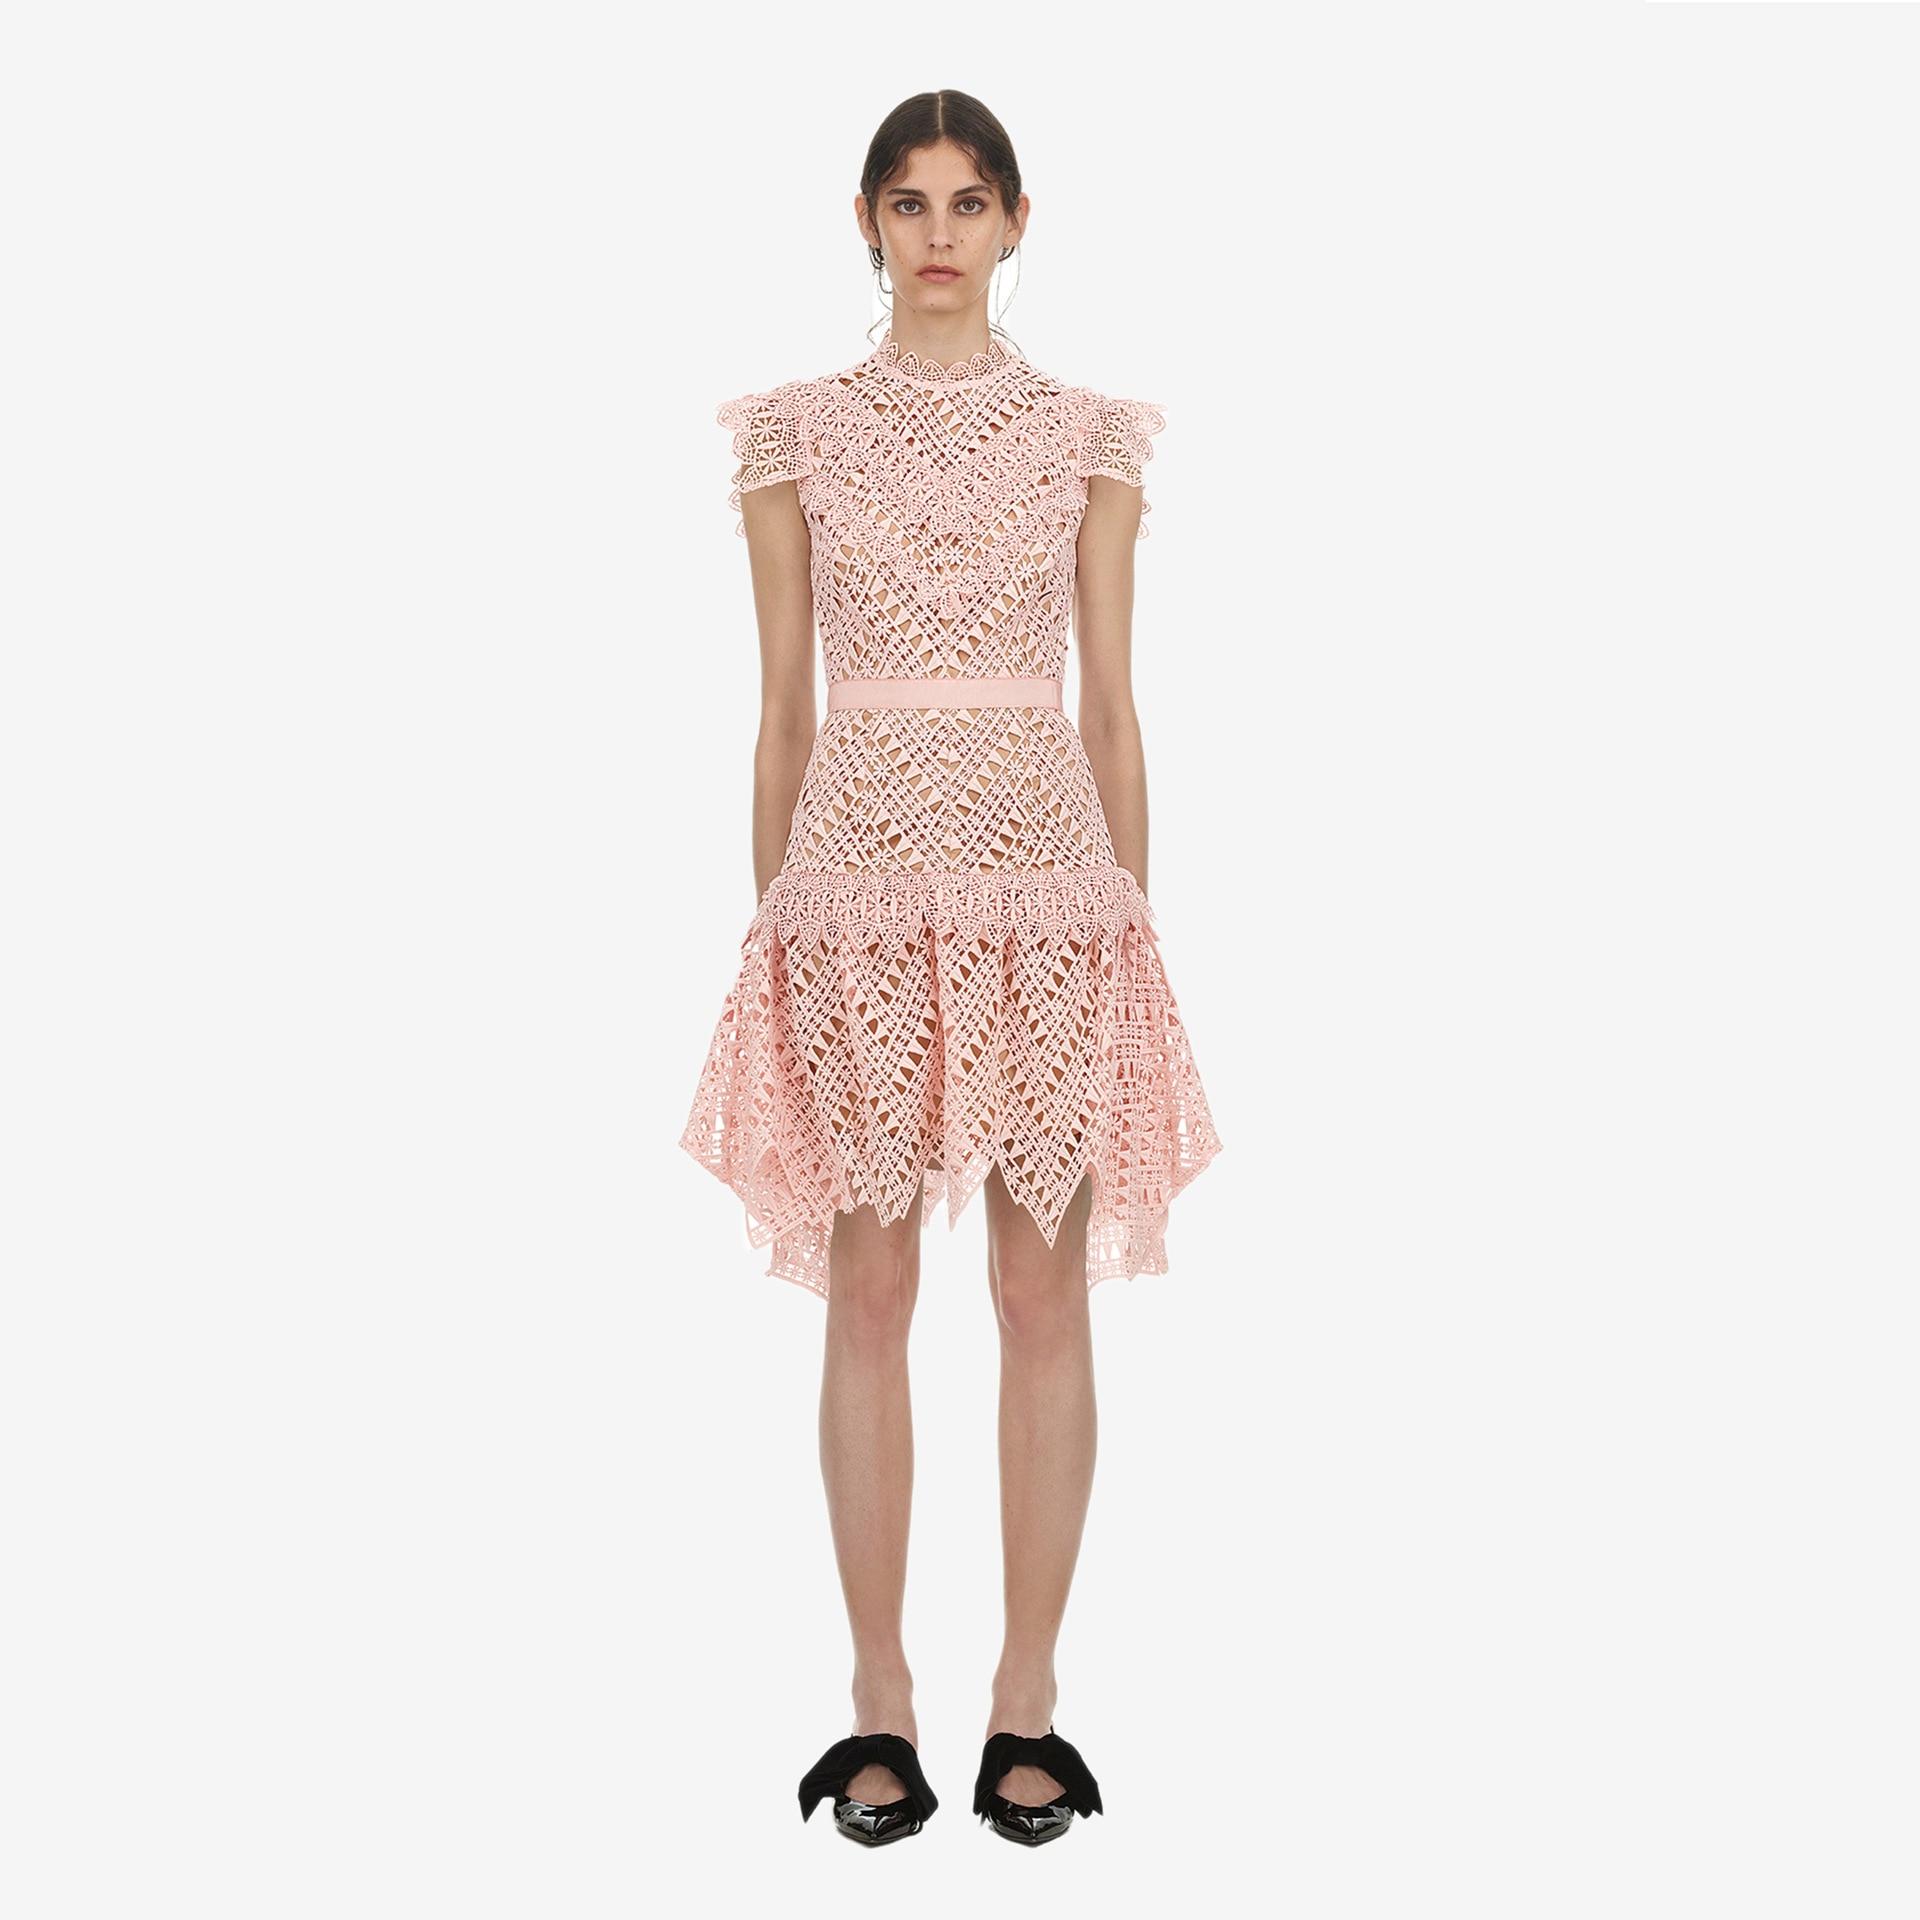 Nouvel an rose robe 2019 printemps auto portrait robe femmes évider irrégulière courte dentelle robe